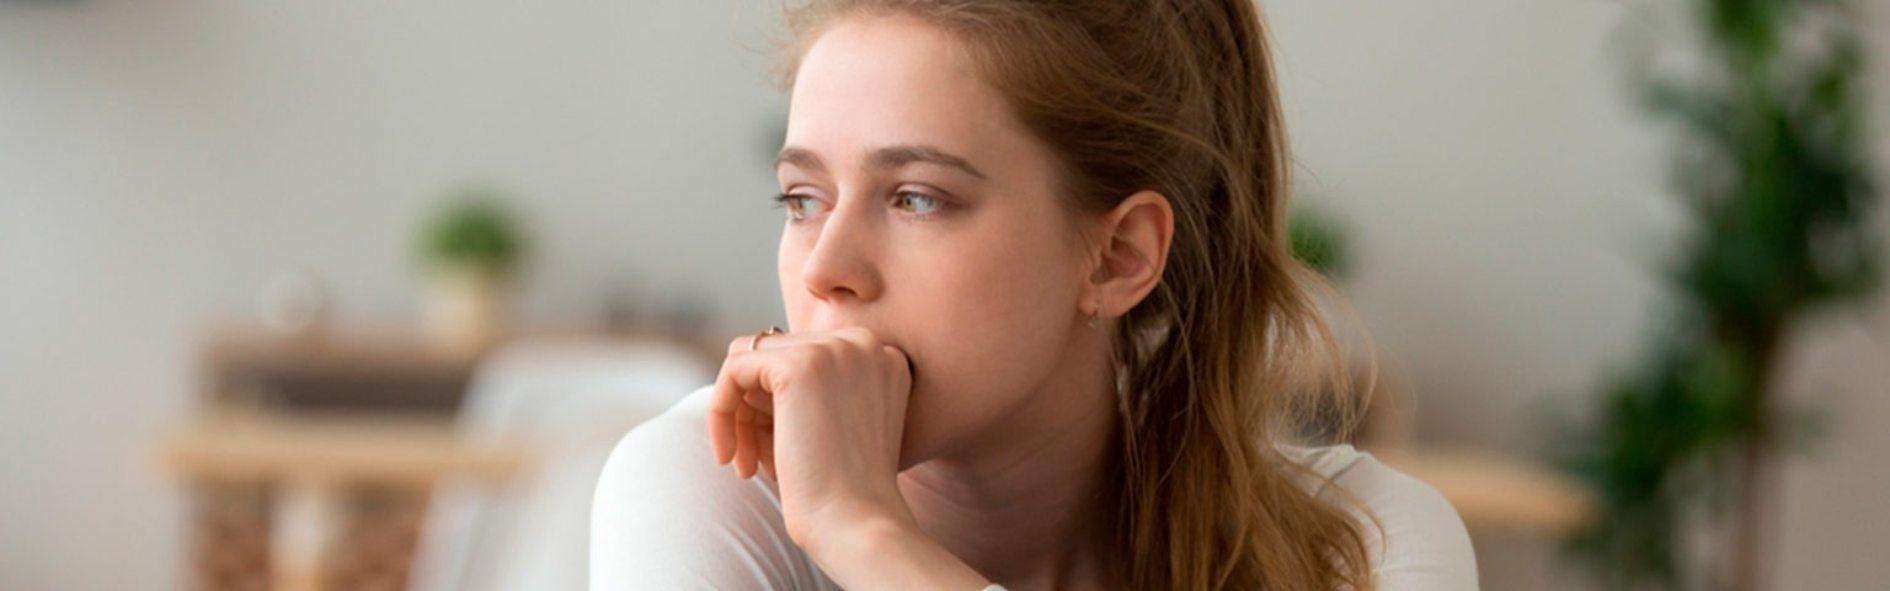 Conoce la ansiedad anticipatoria y cómo mantenerla controlada